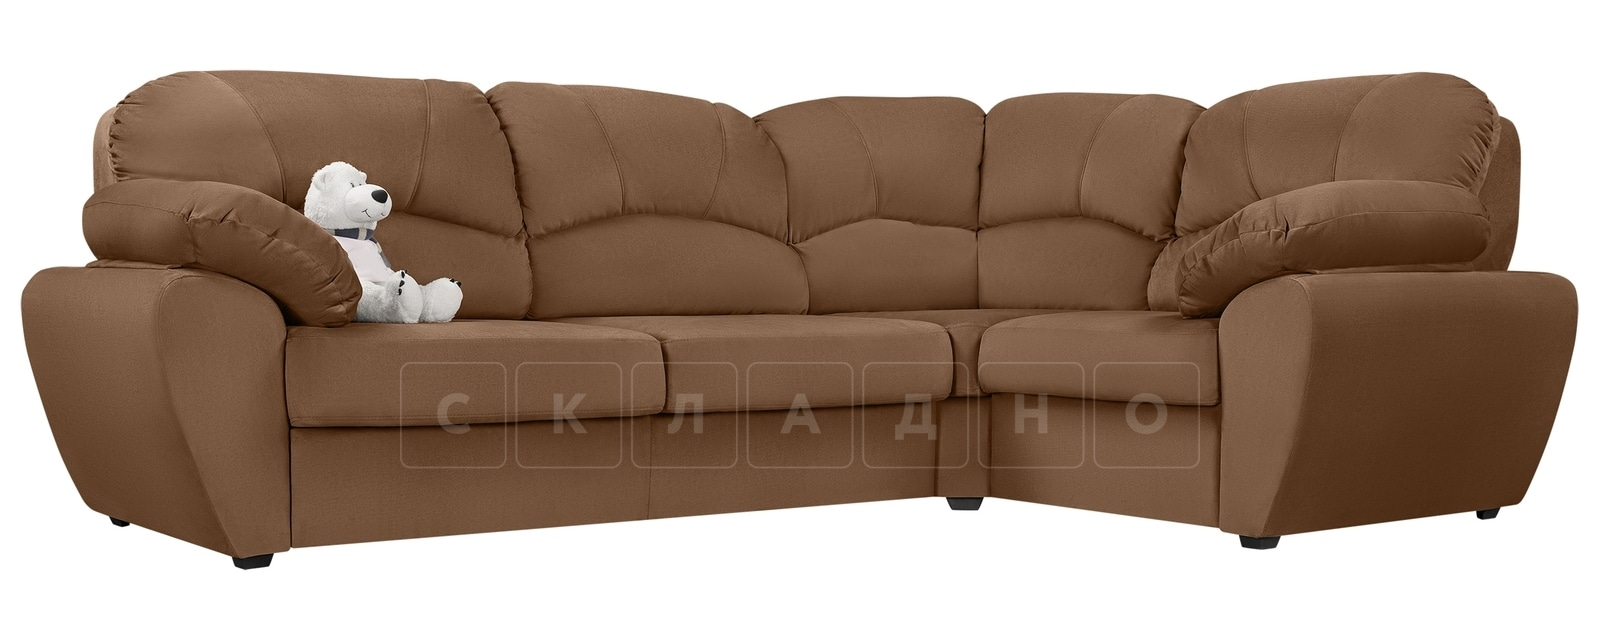 Угловой диван Эвита велюр коричневый правый угол фото 1 | интернет-магазин Складно